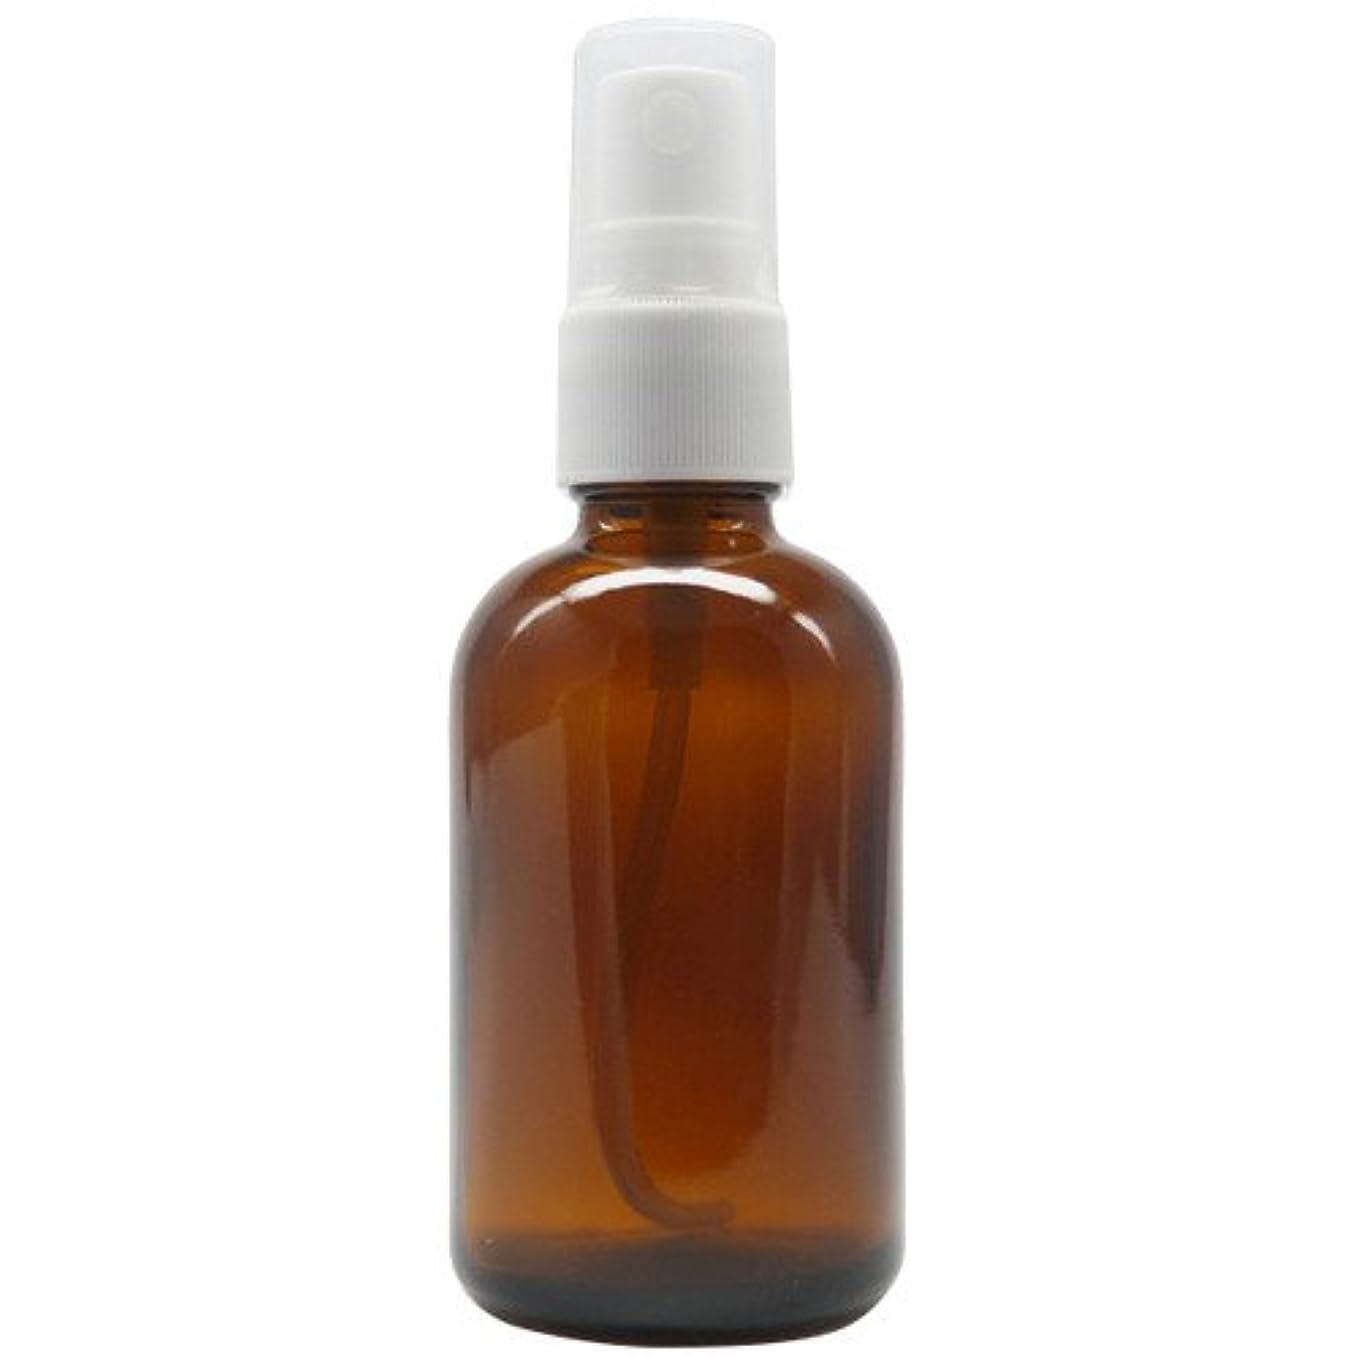 飽和する繊細タックルアロマアンドライフ (D)茶褐色スプレー瓶60ml 3本セット